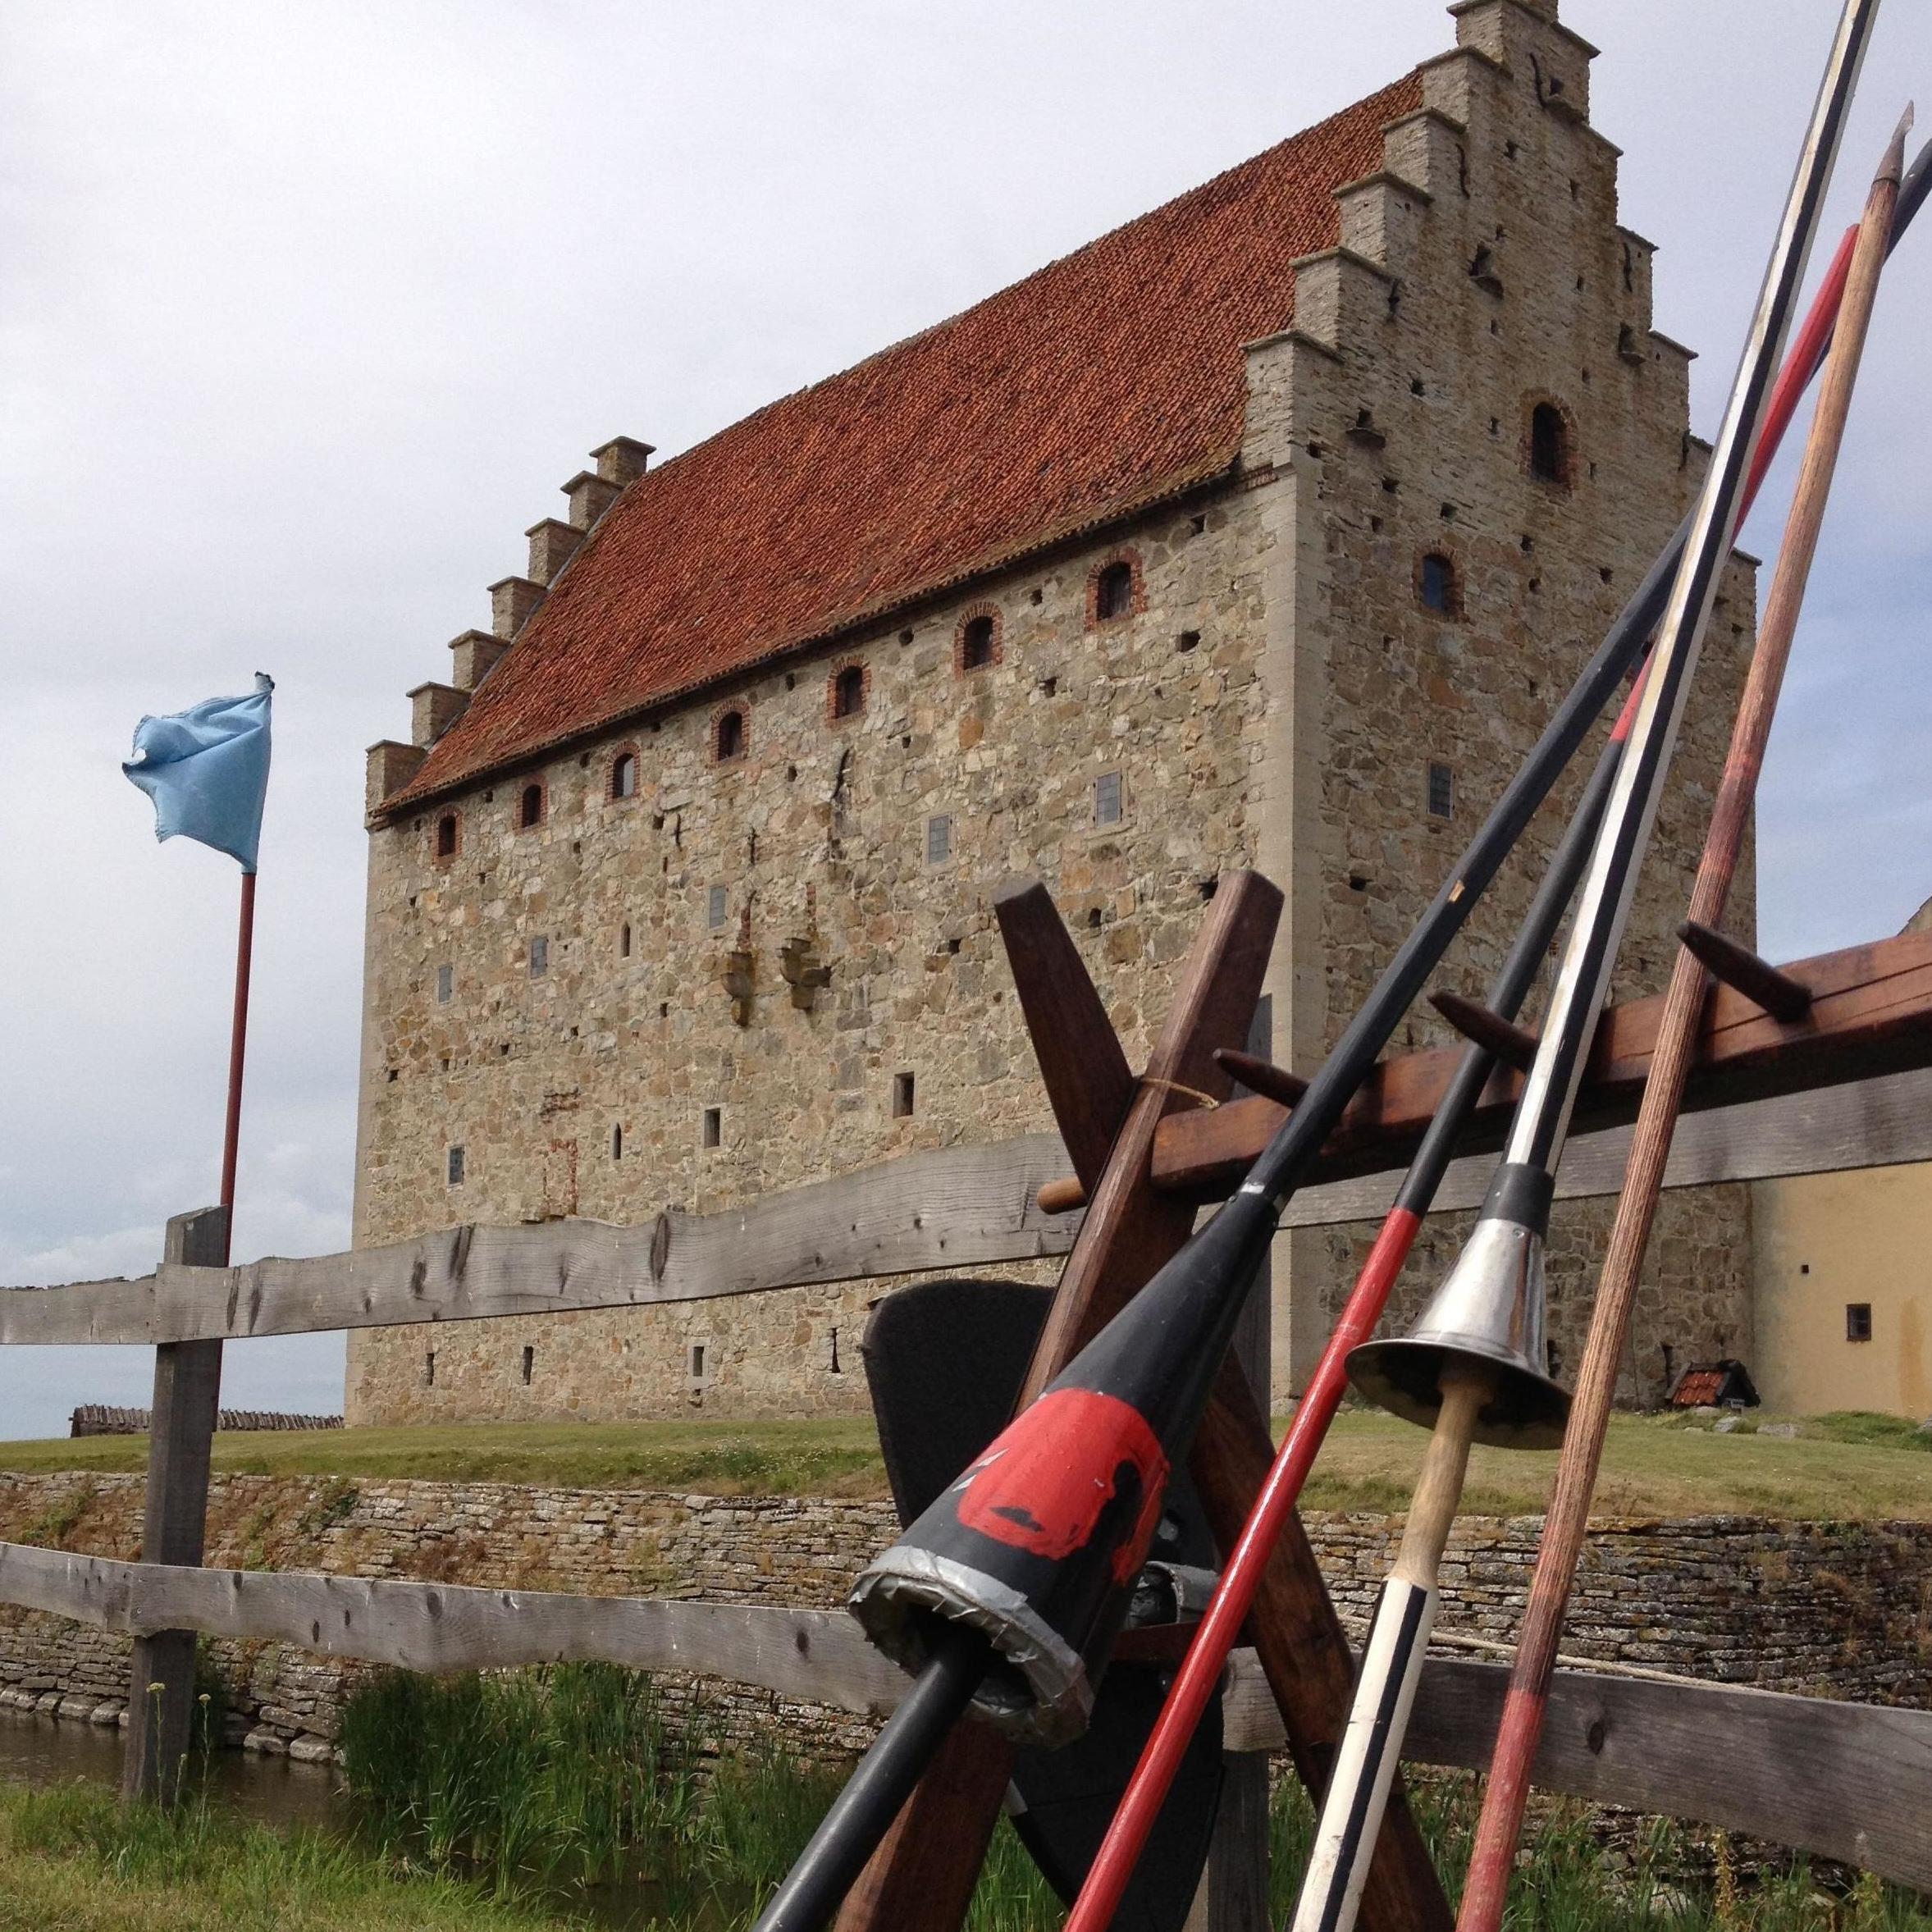 Tina Jönsson, Glimmingehus - guidad visning av borgen (copy) (copy) (copy) (copy) (copy) (copy) (copy)